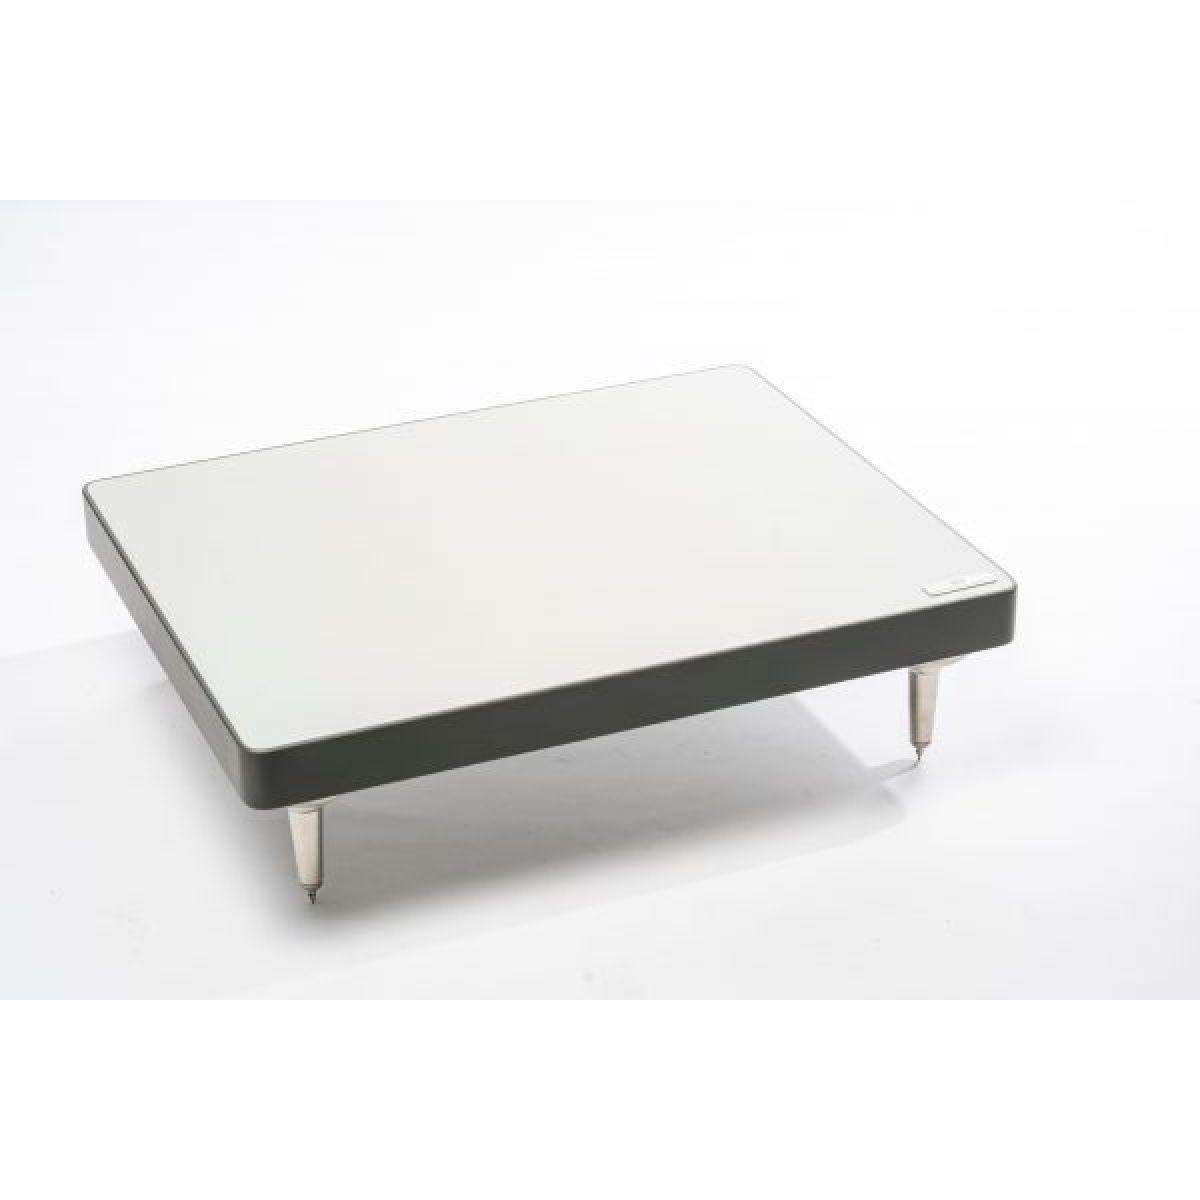 ARTESANIA Turntable Platform